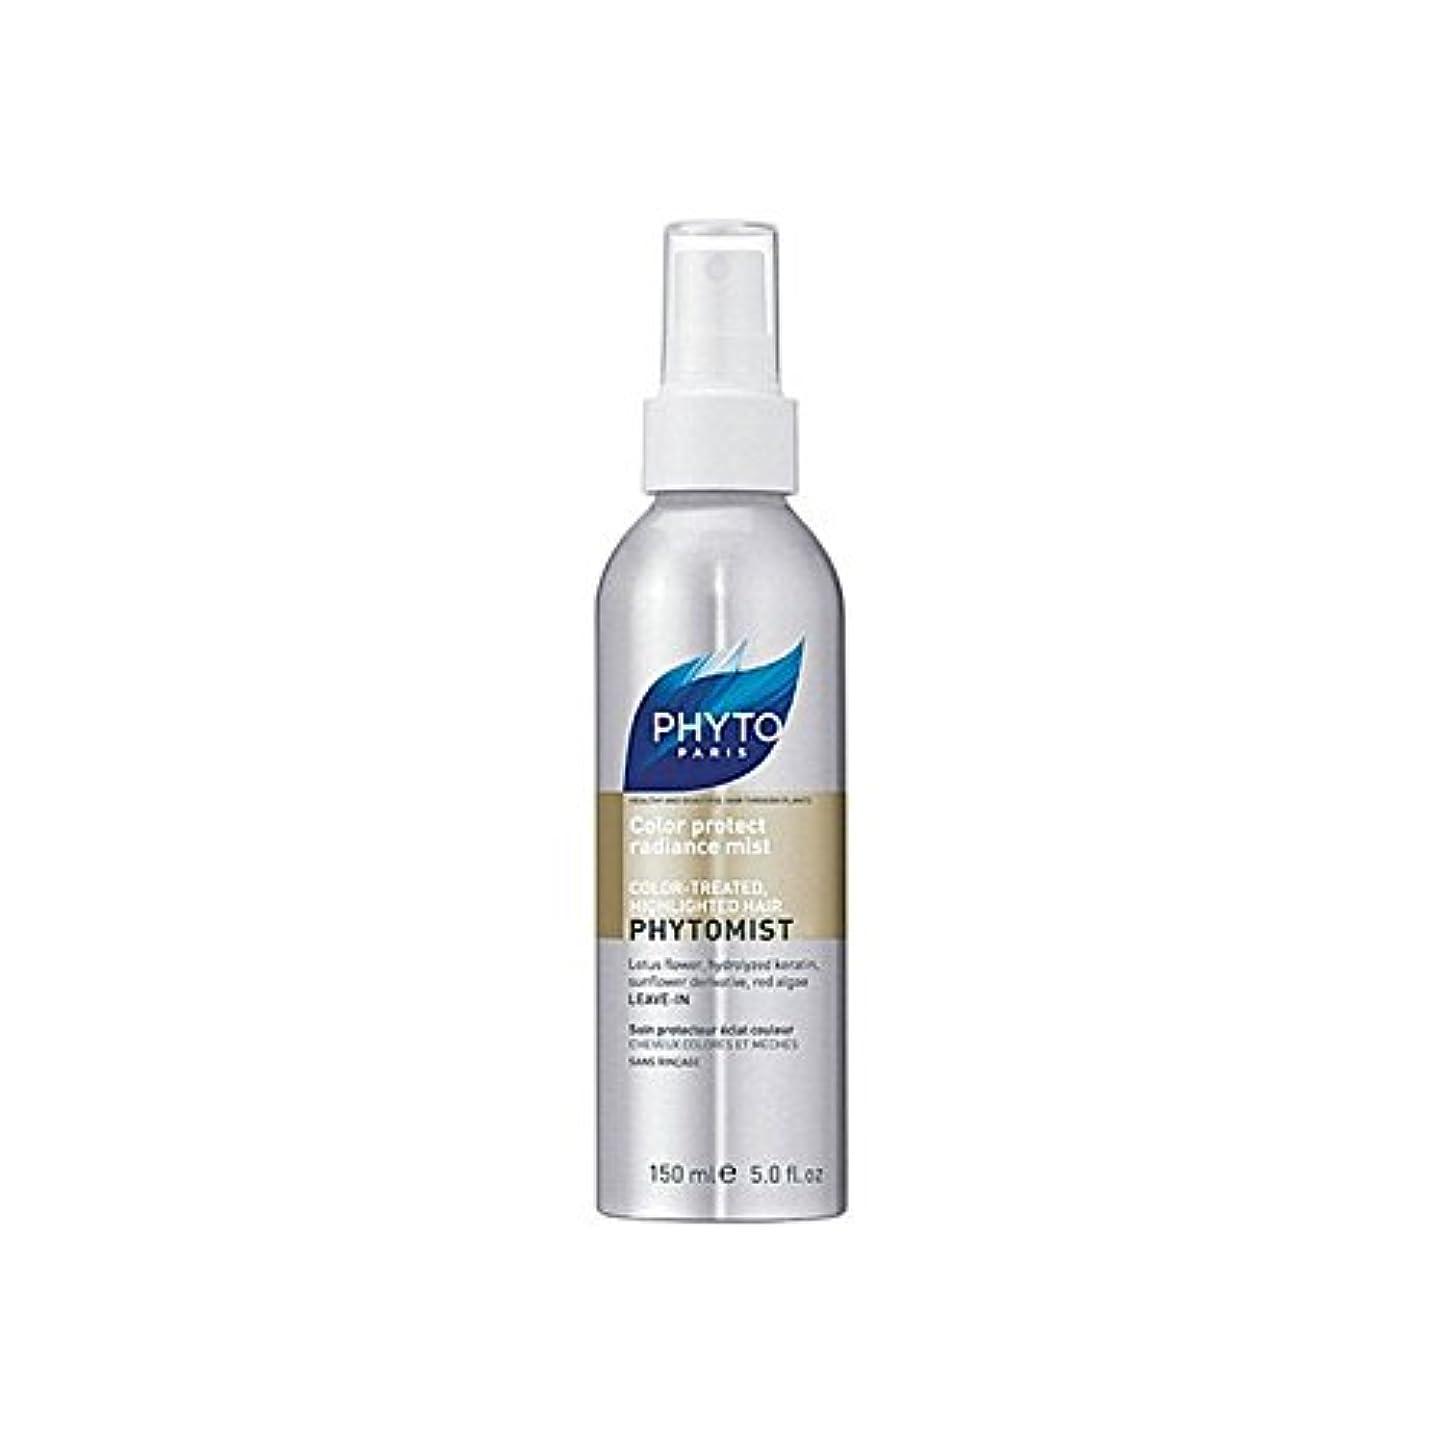 とげ乳剤平方Phyto Phytomist Colour-Protect Radiance 150ml - フィトのカラープロテクト放射輝度150ミリリットル [並行輸入品]